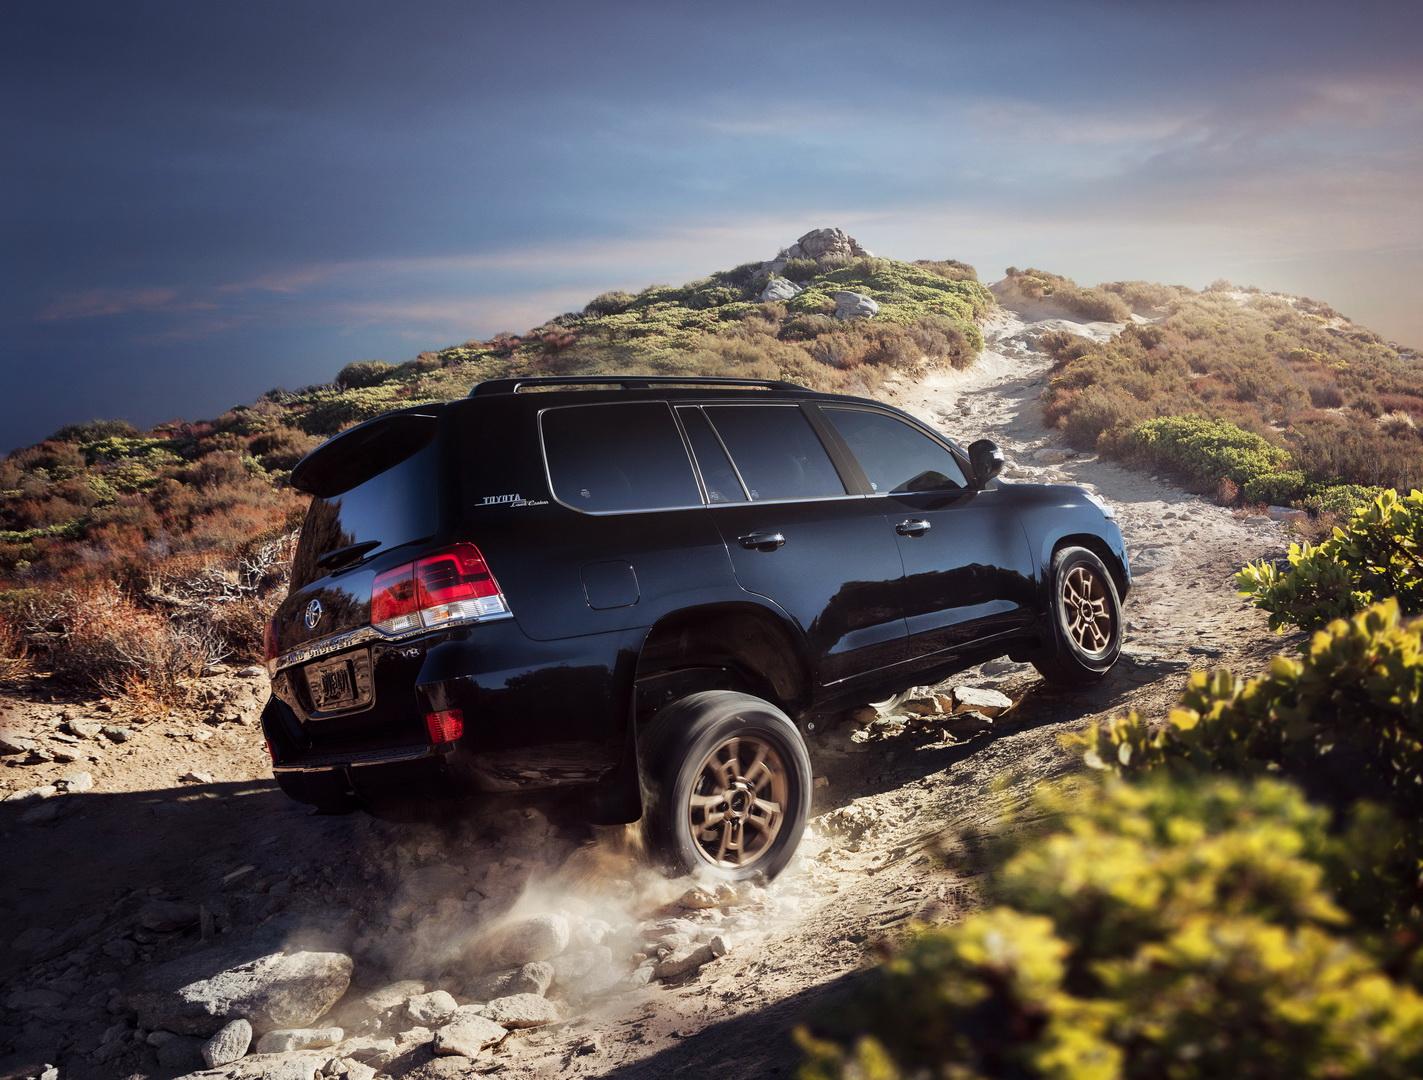 """Toyota Land Cruiser 2020 phiên bản """"di sản"""" kỷ niệm sự khởi đầu vào thị trường Mỹ - 7"""